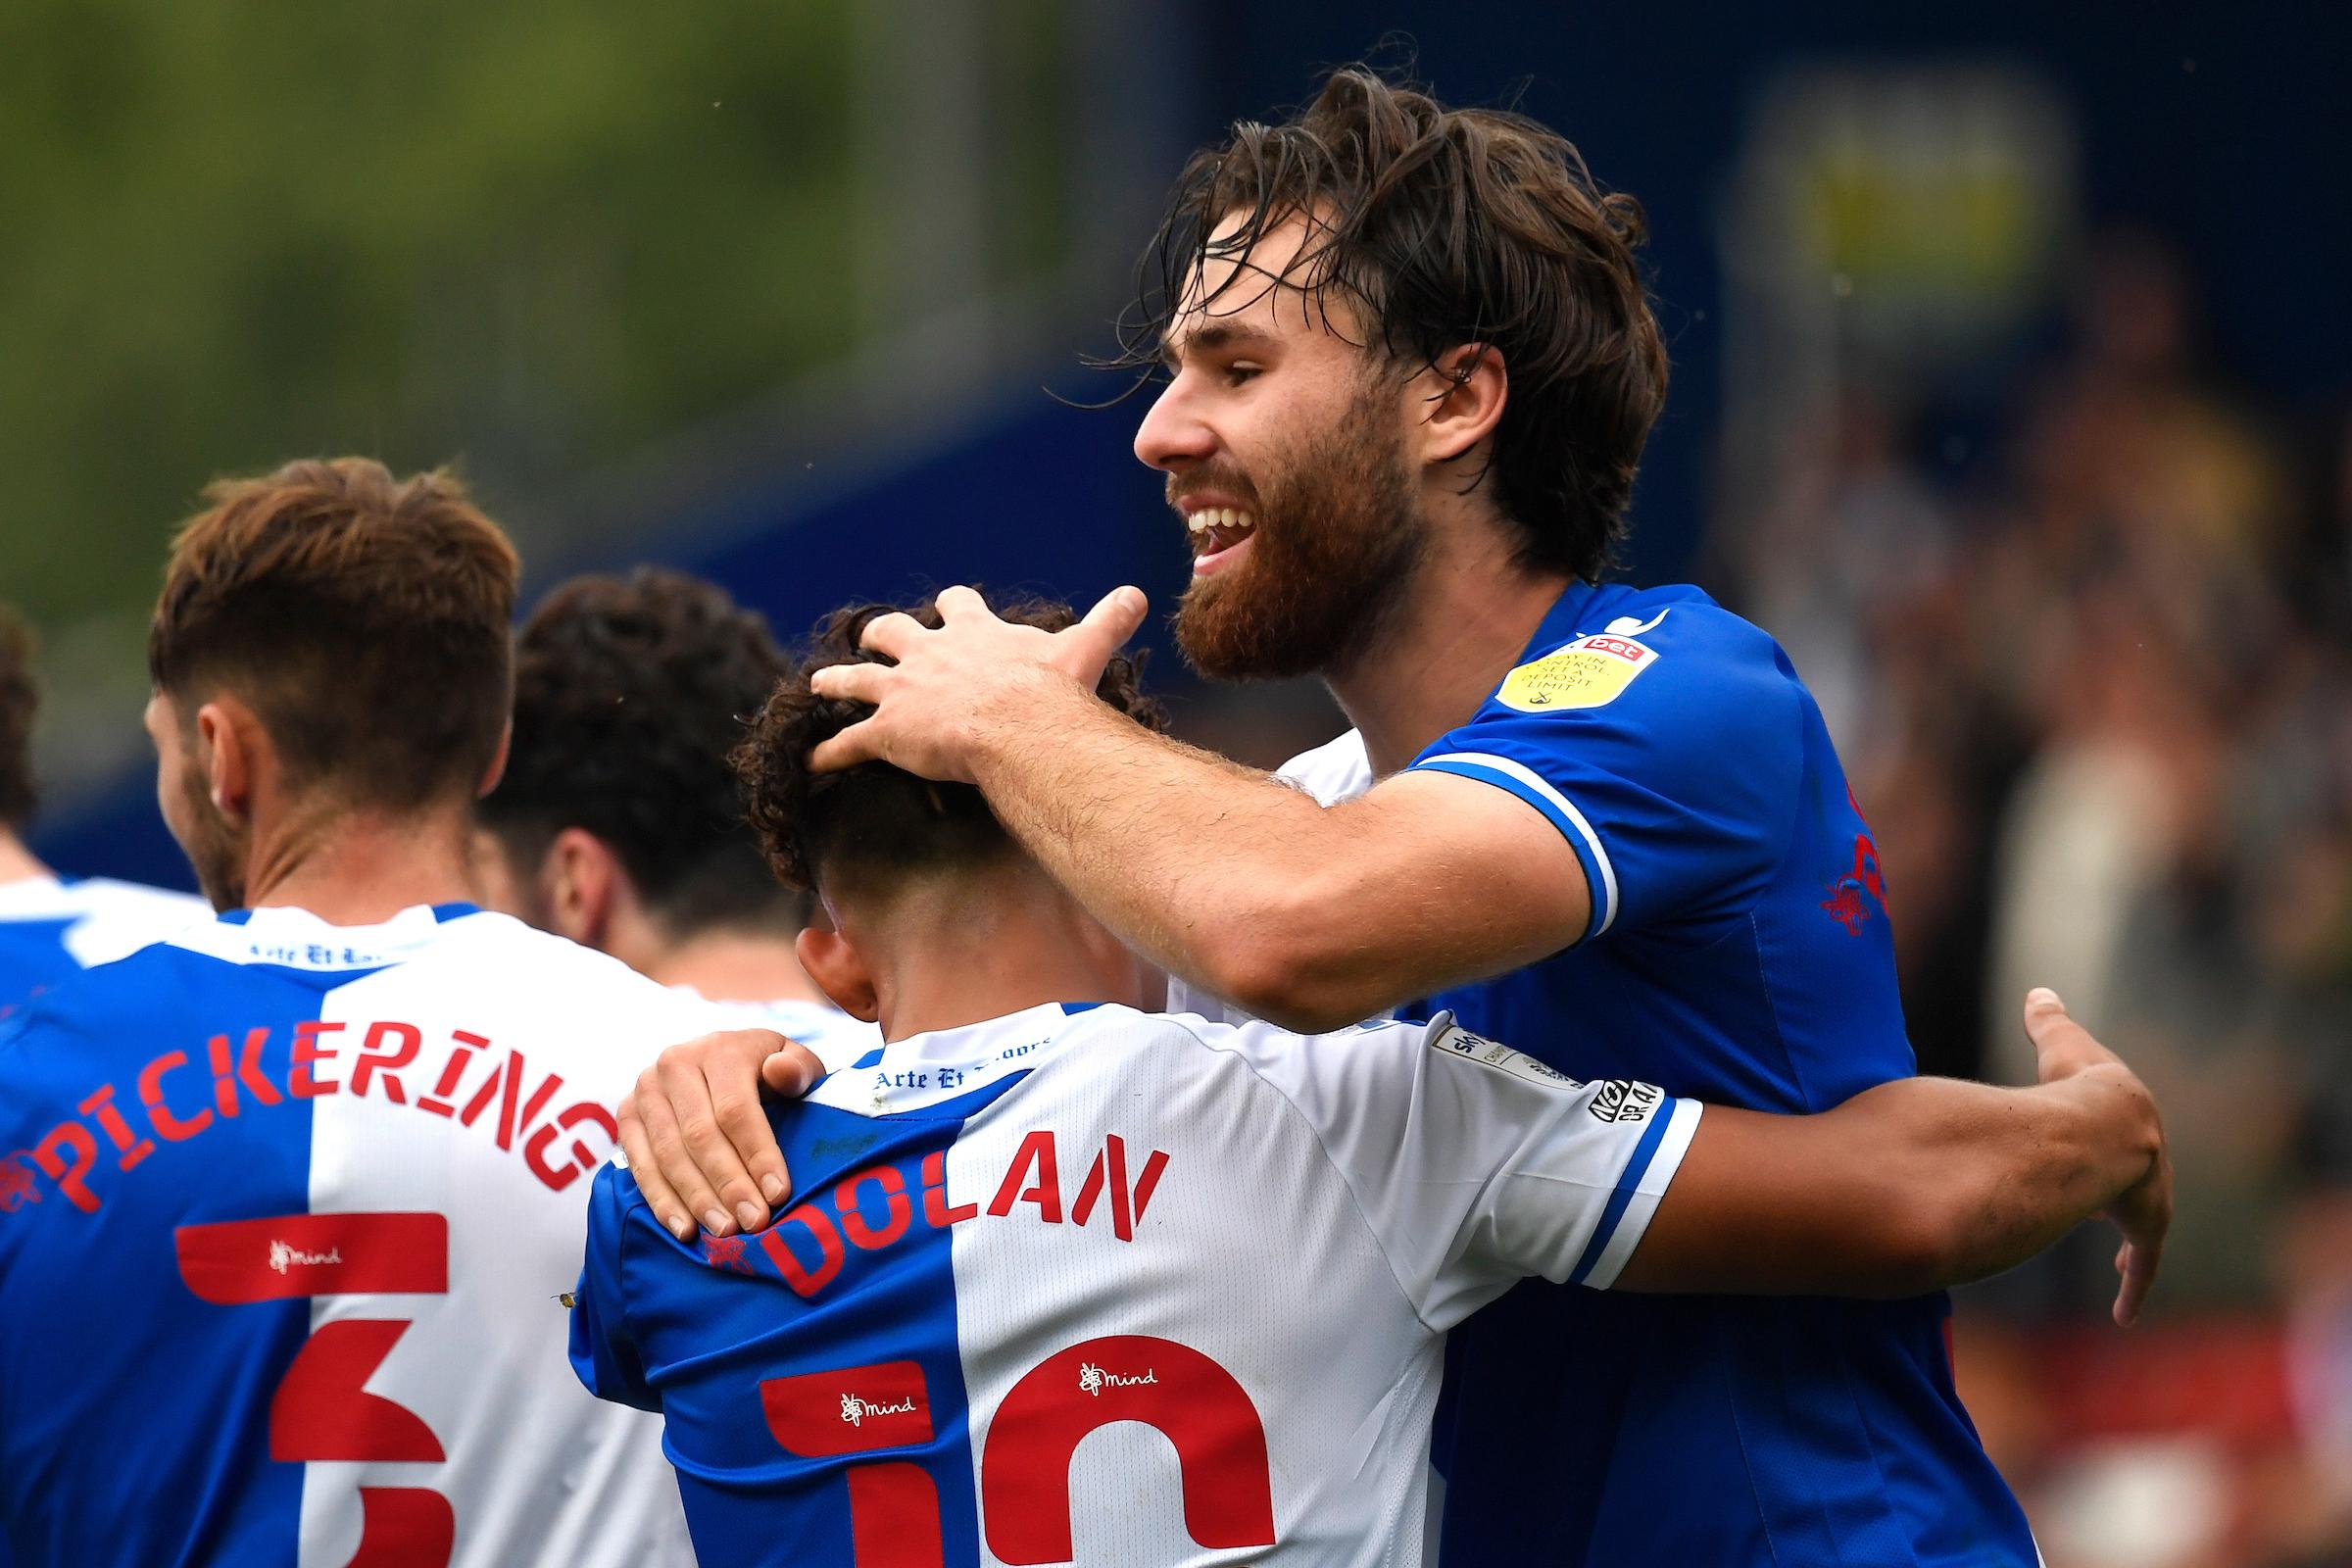 Fanáticos de Blackburn Rovers 'gratamente sorprendidos' en la etapa de 10 juegos